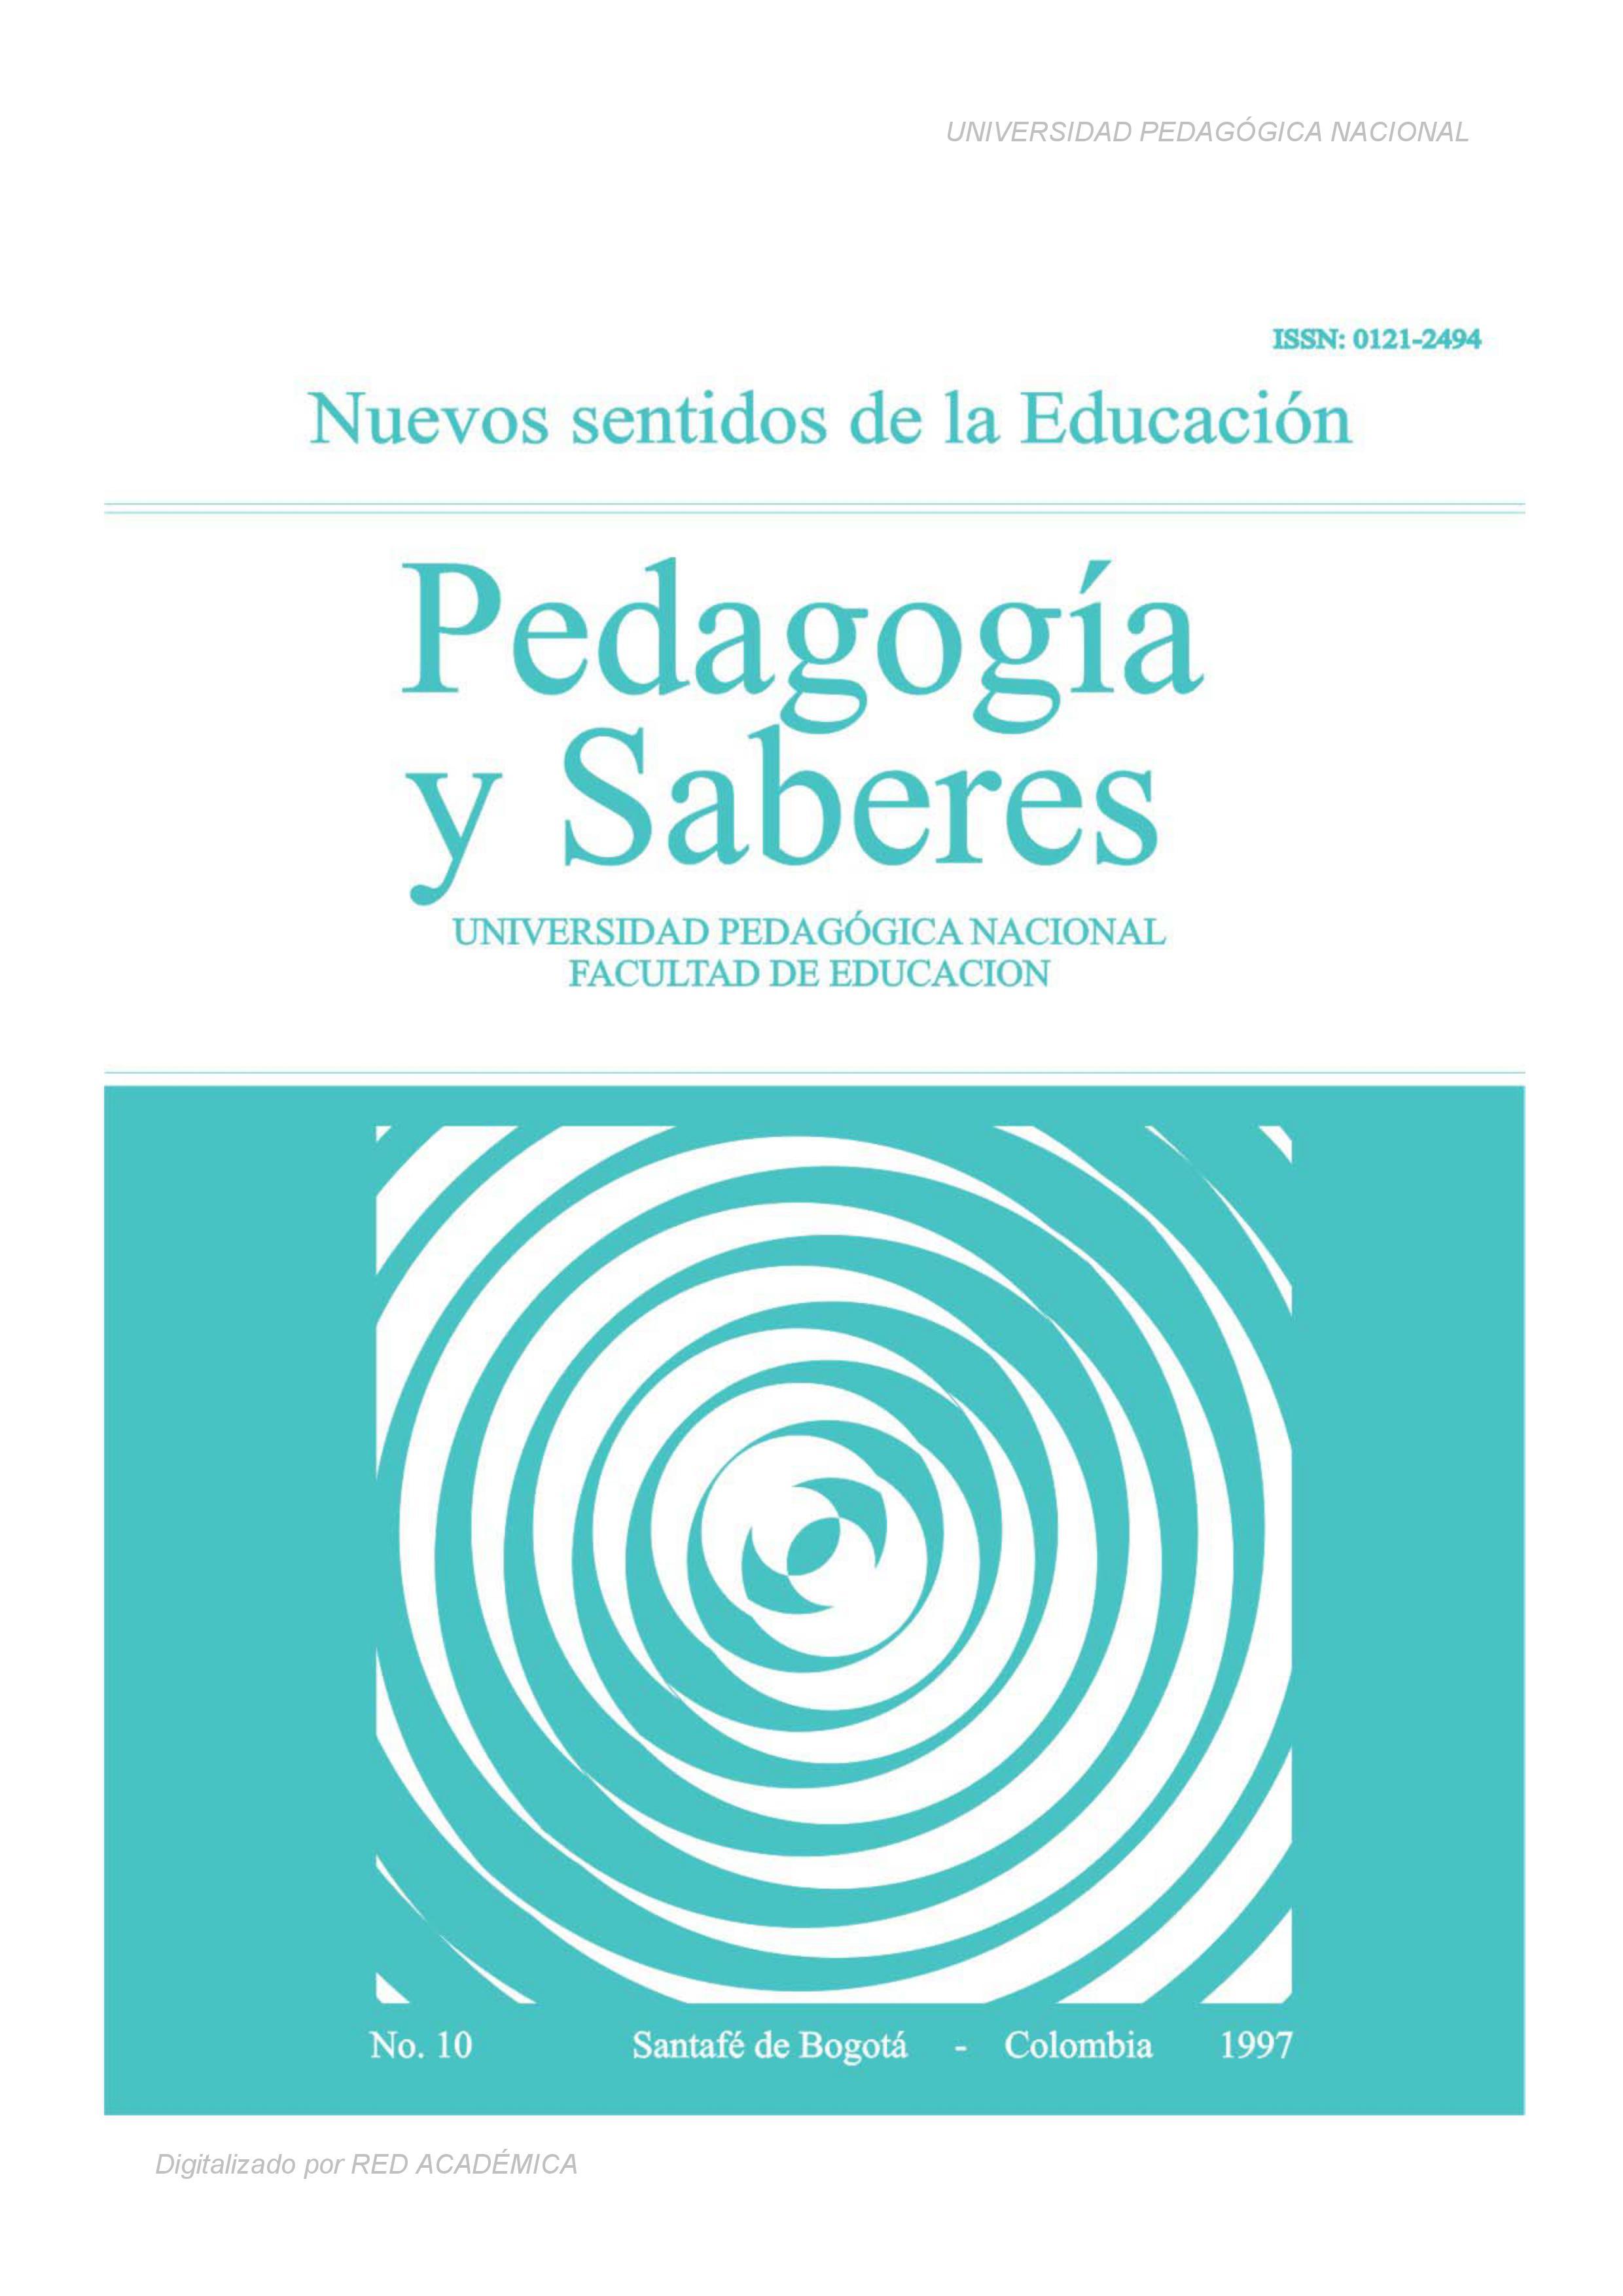 Nuevos sentidos de la educación